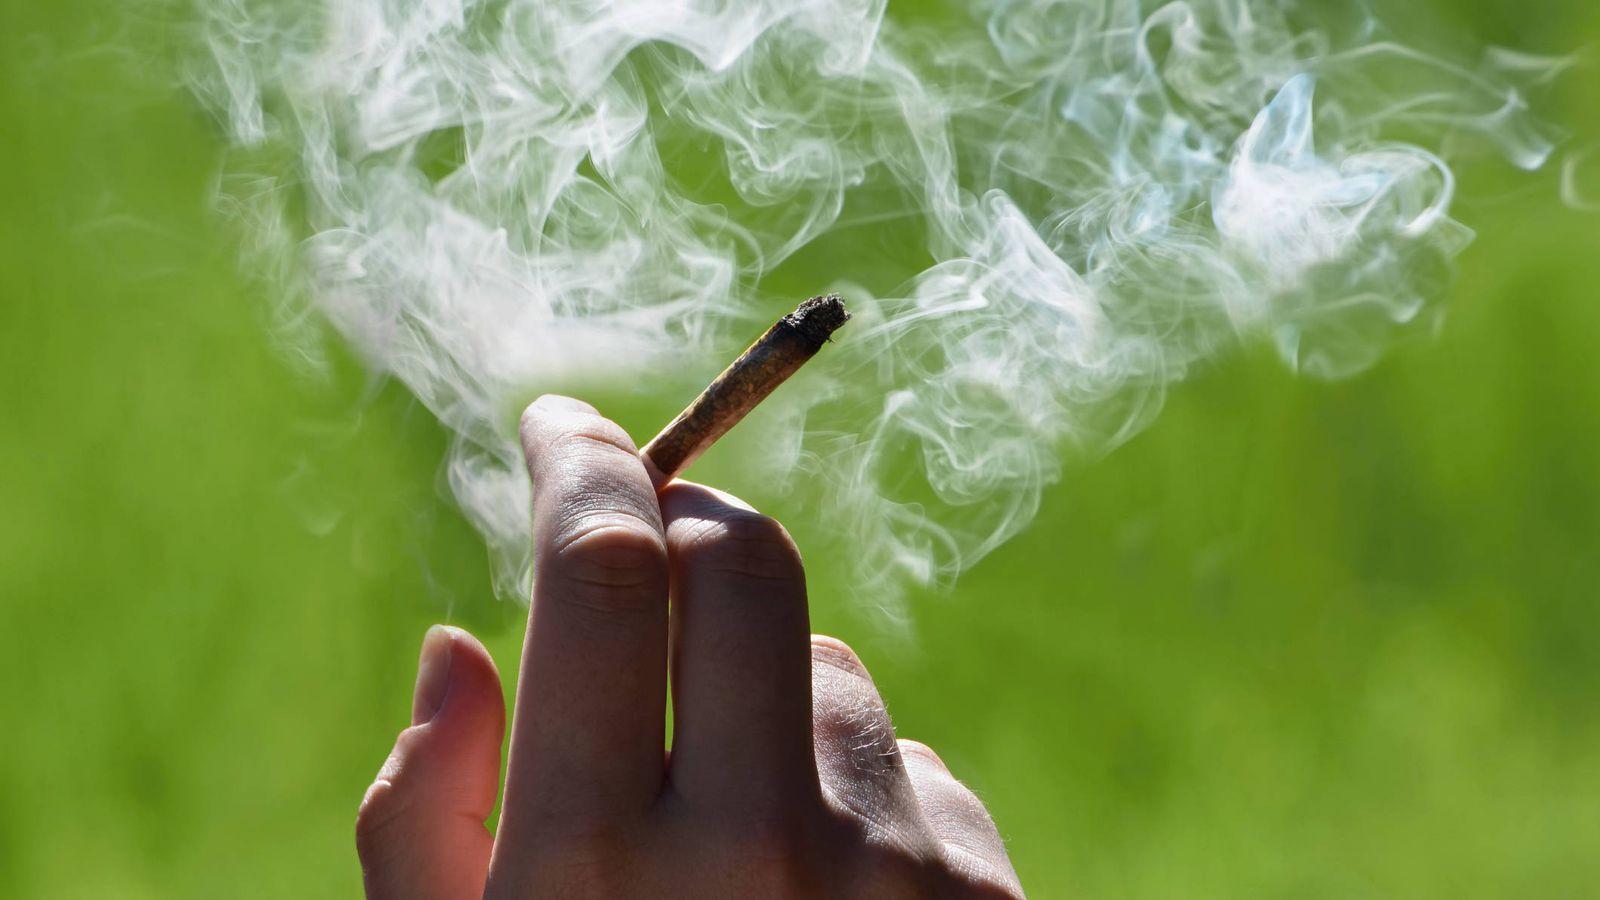 Esto es lo que le sucede a tu cuerpo cuando dejas de fumar marihuana